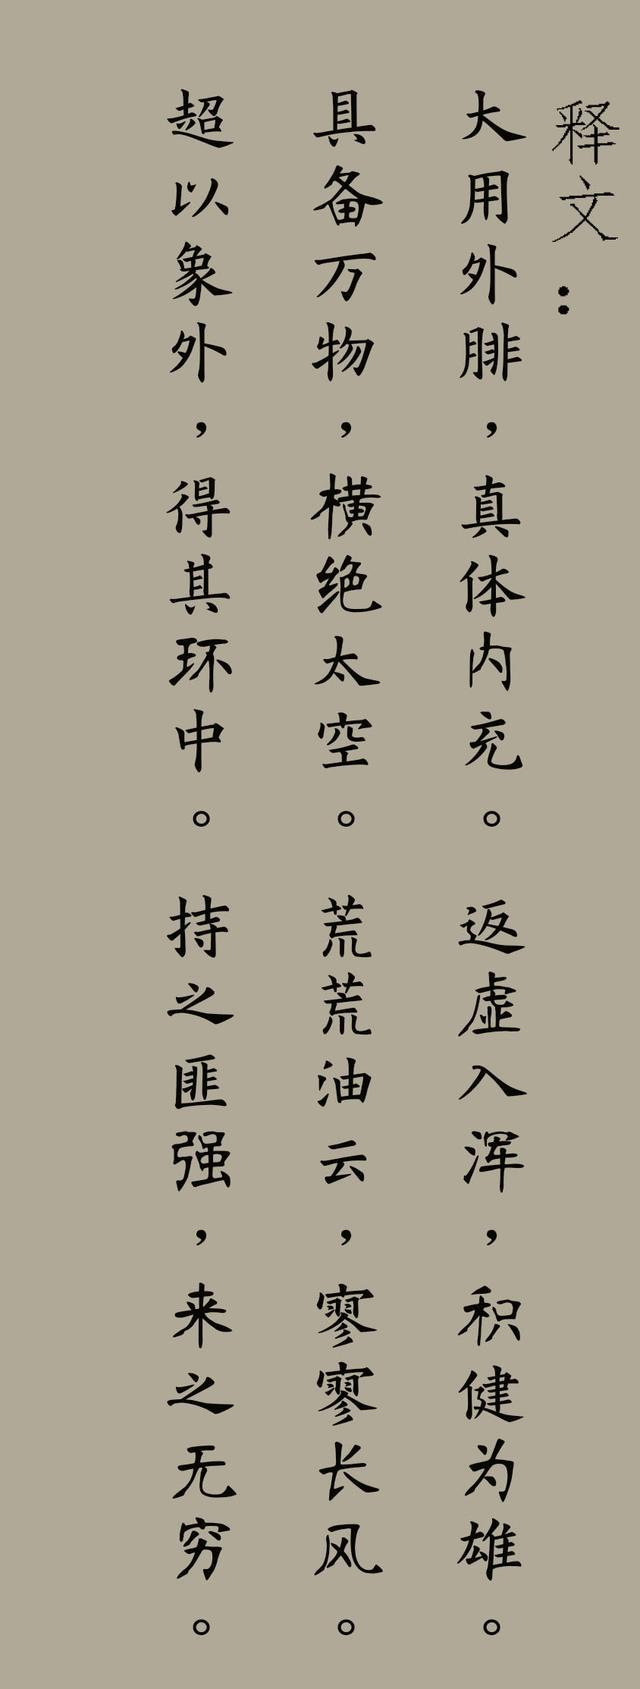 当代书法家陈祖范隶书《诗品二十四则 雄浑》立轴